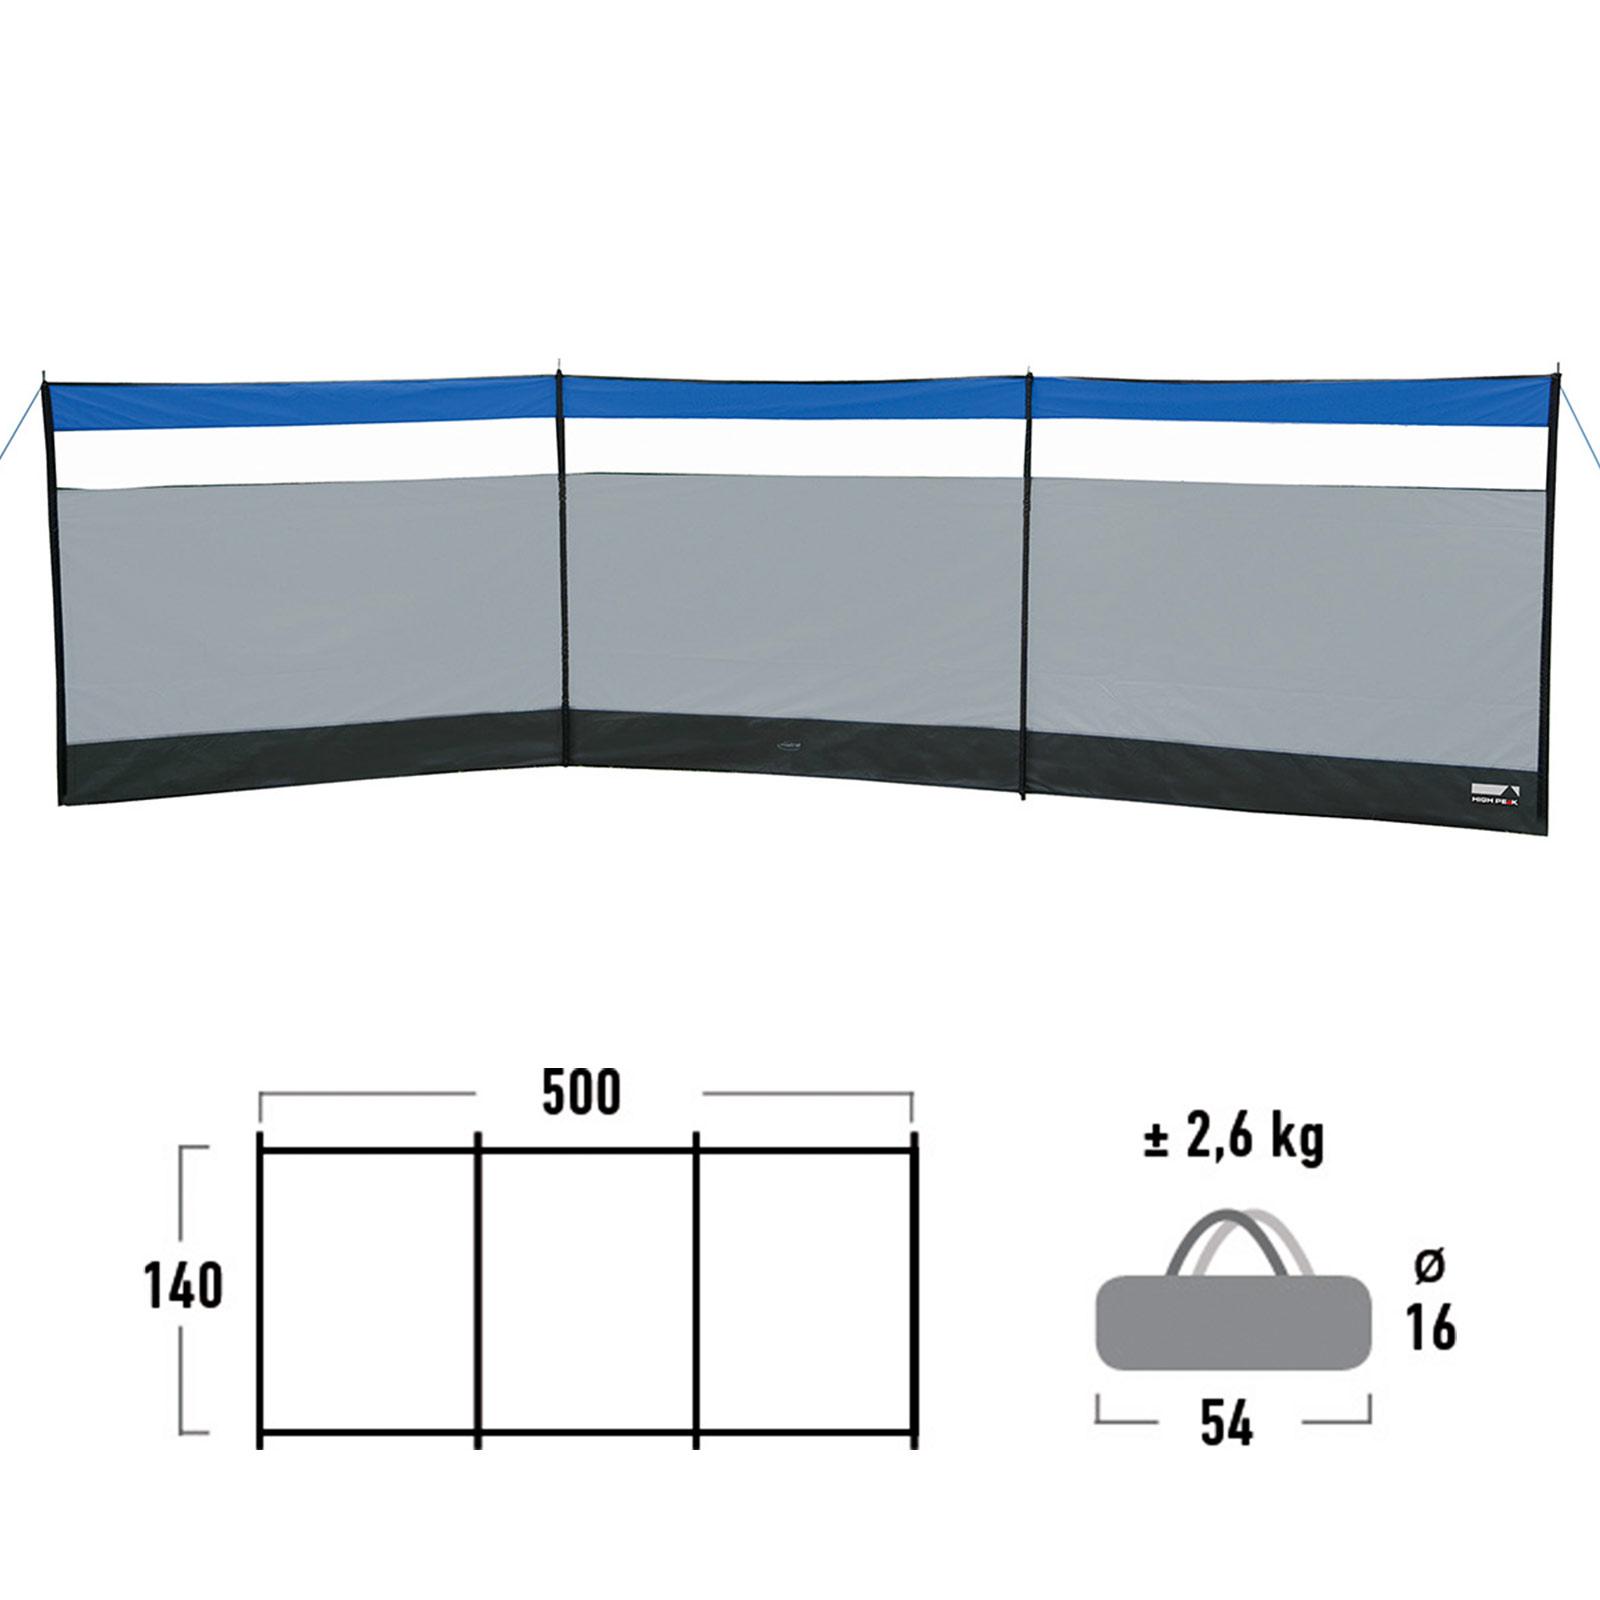 HIGH PEAK Windschutz Mistral 500 x 140 cm Camping Sichtschutz